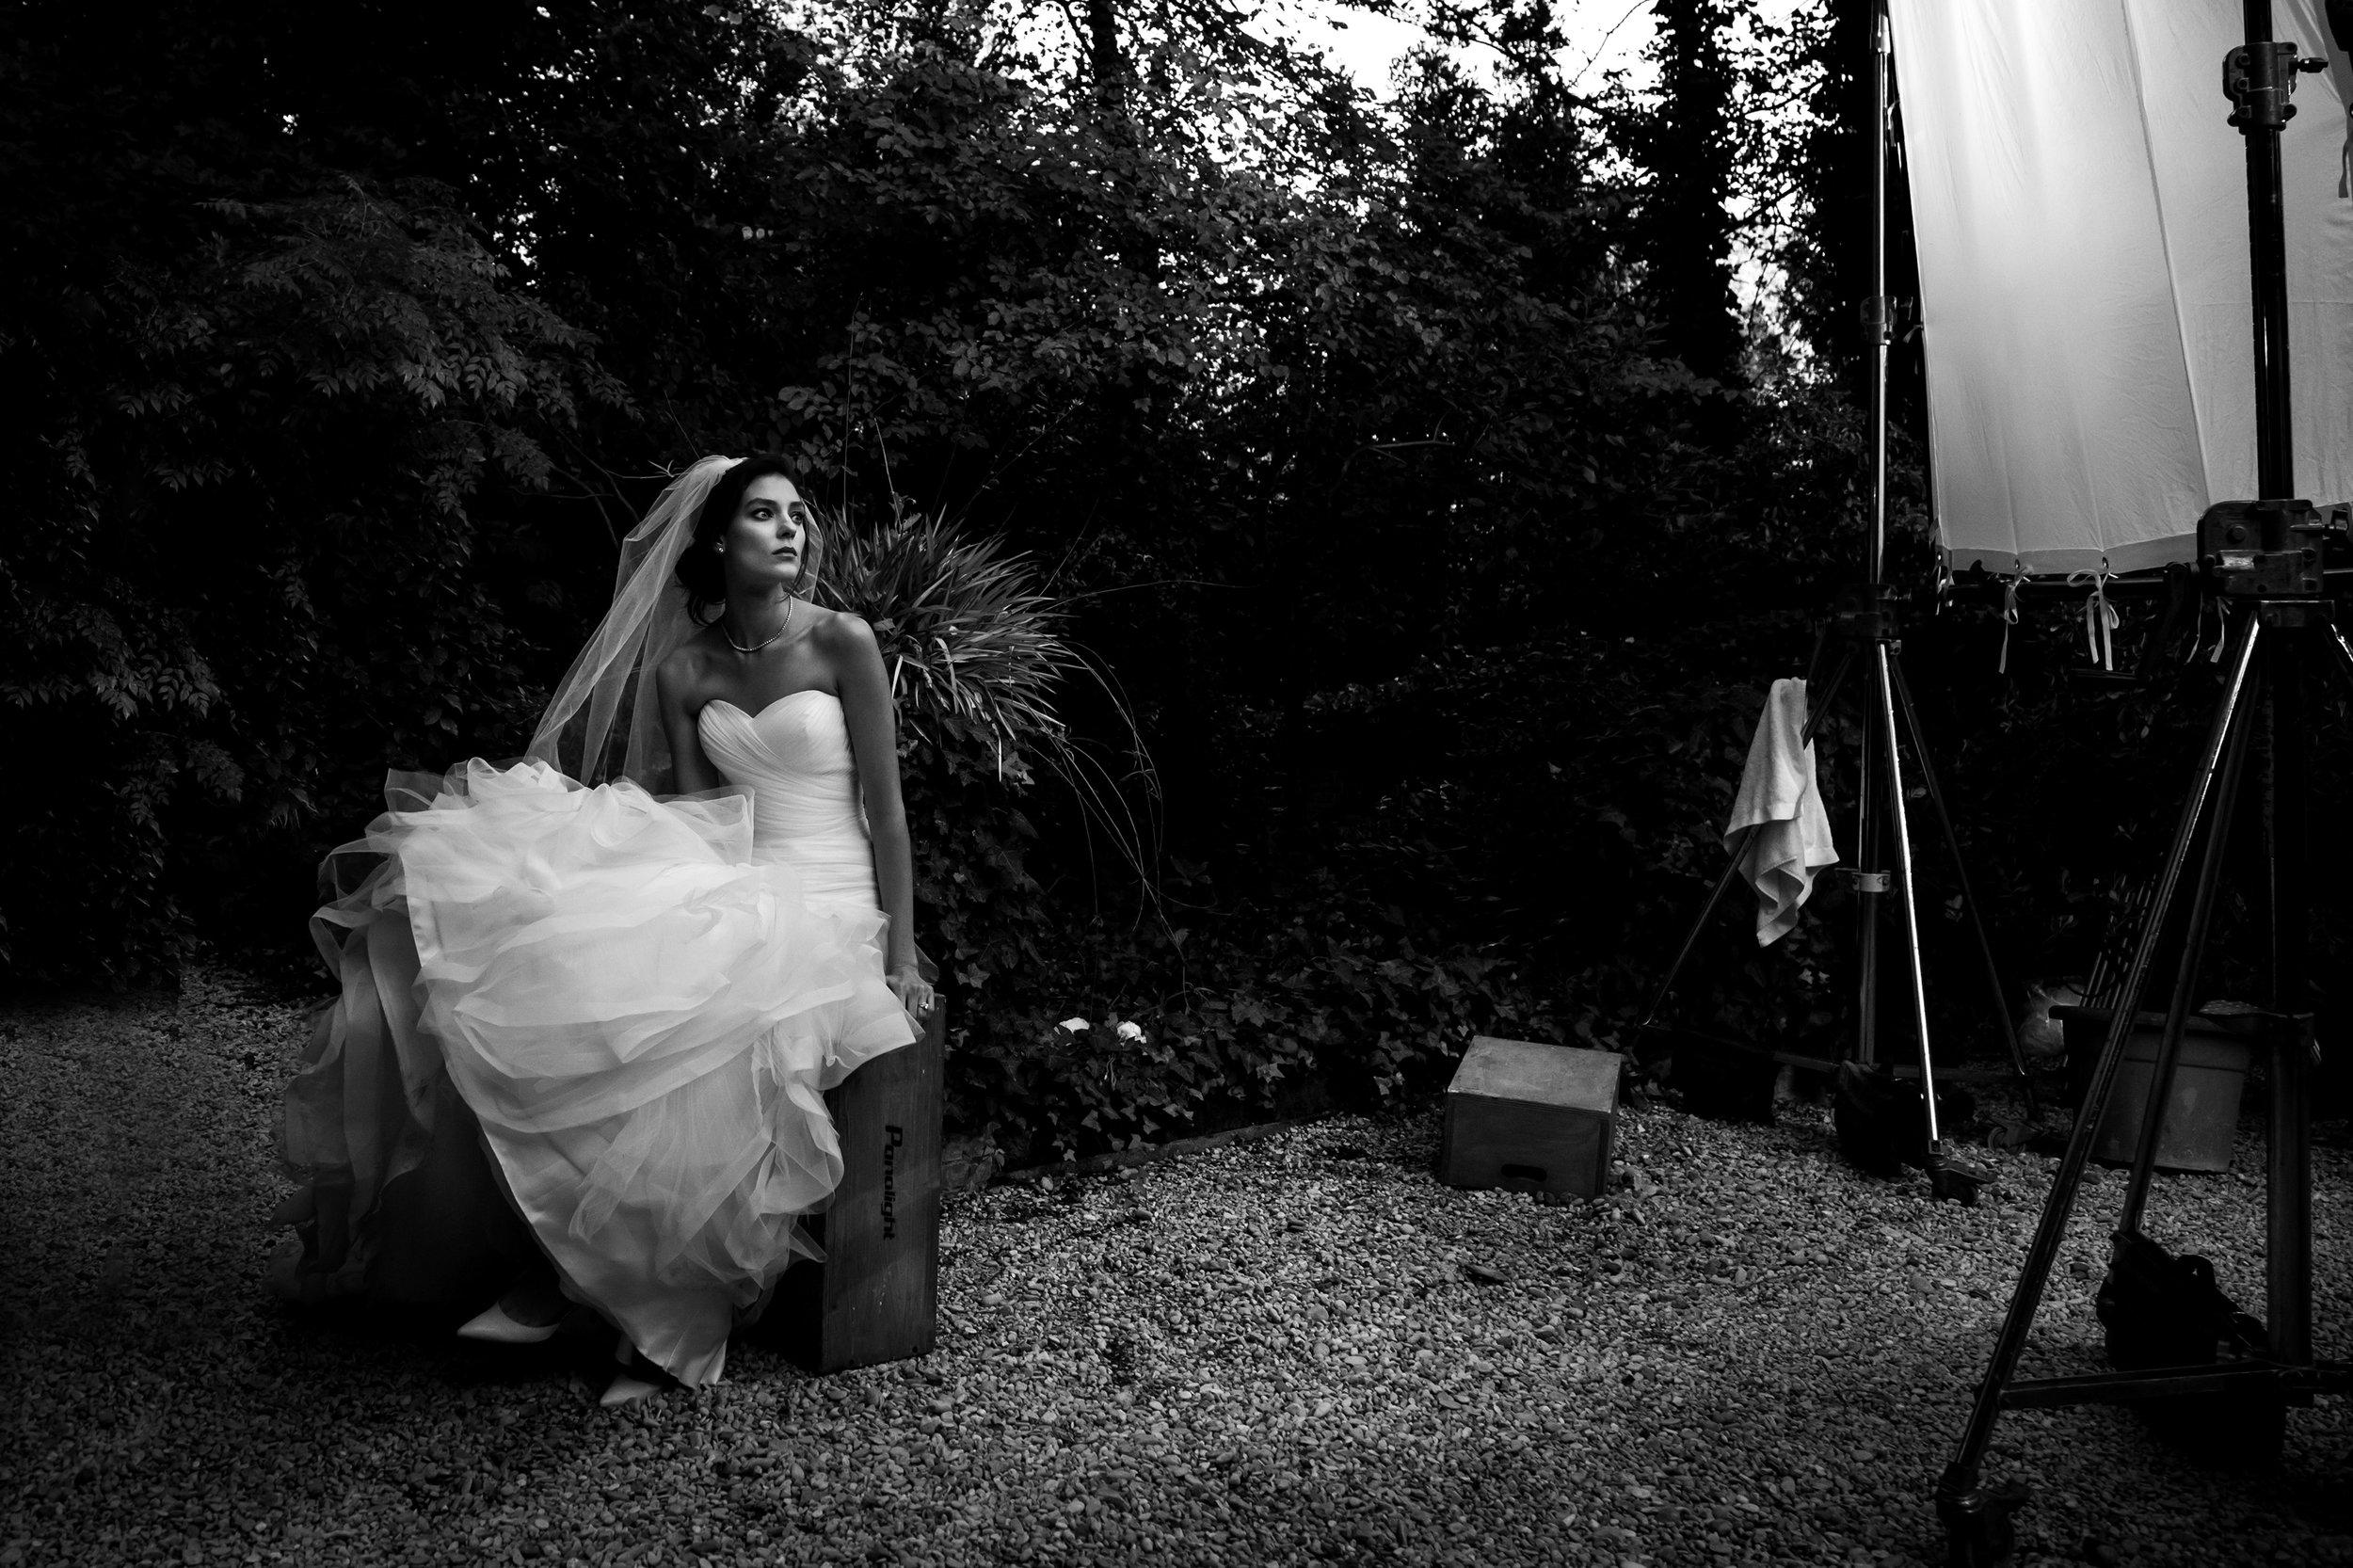 Bride_05A9179_def.jpg